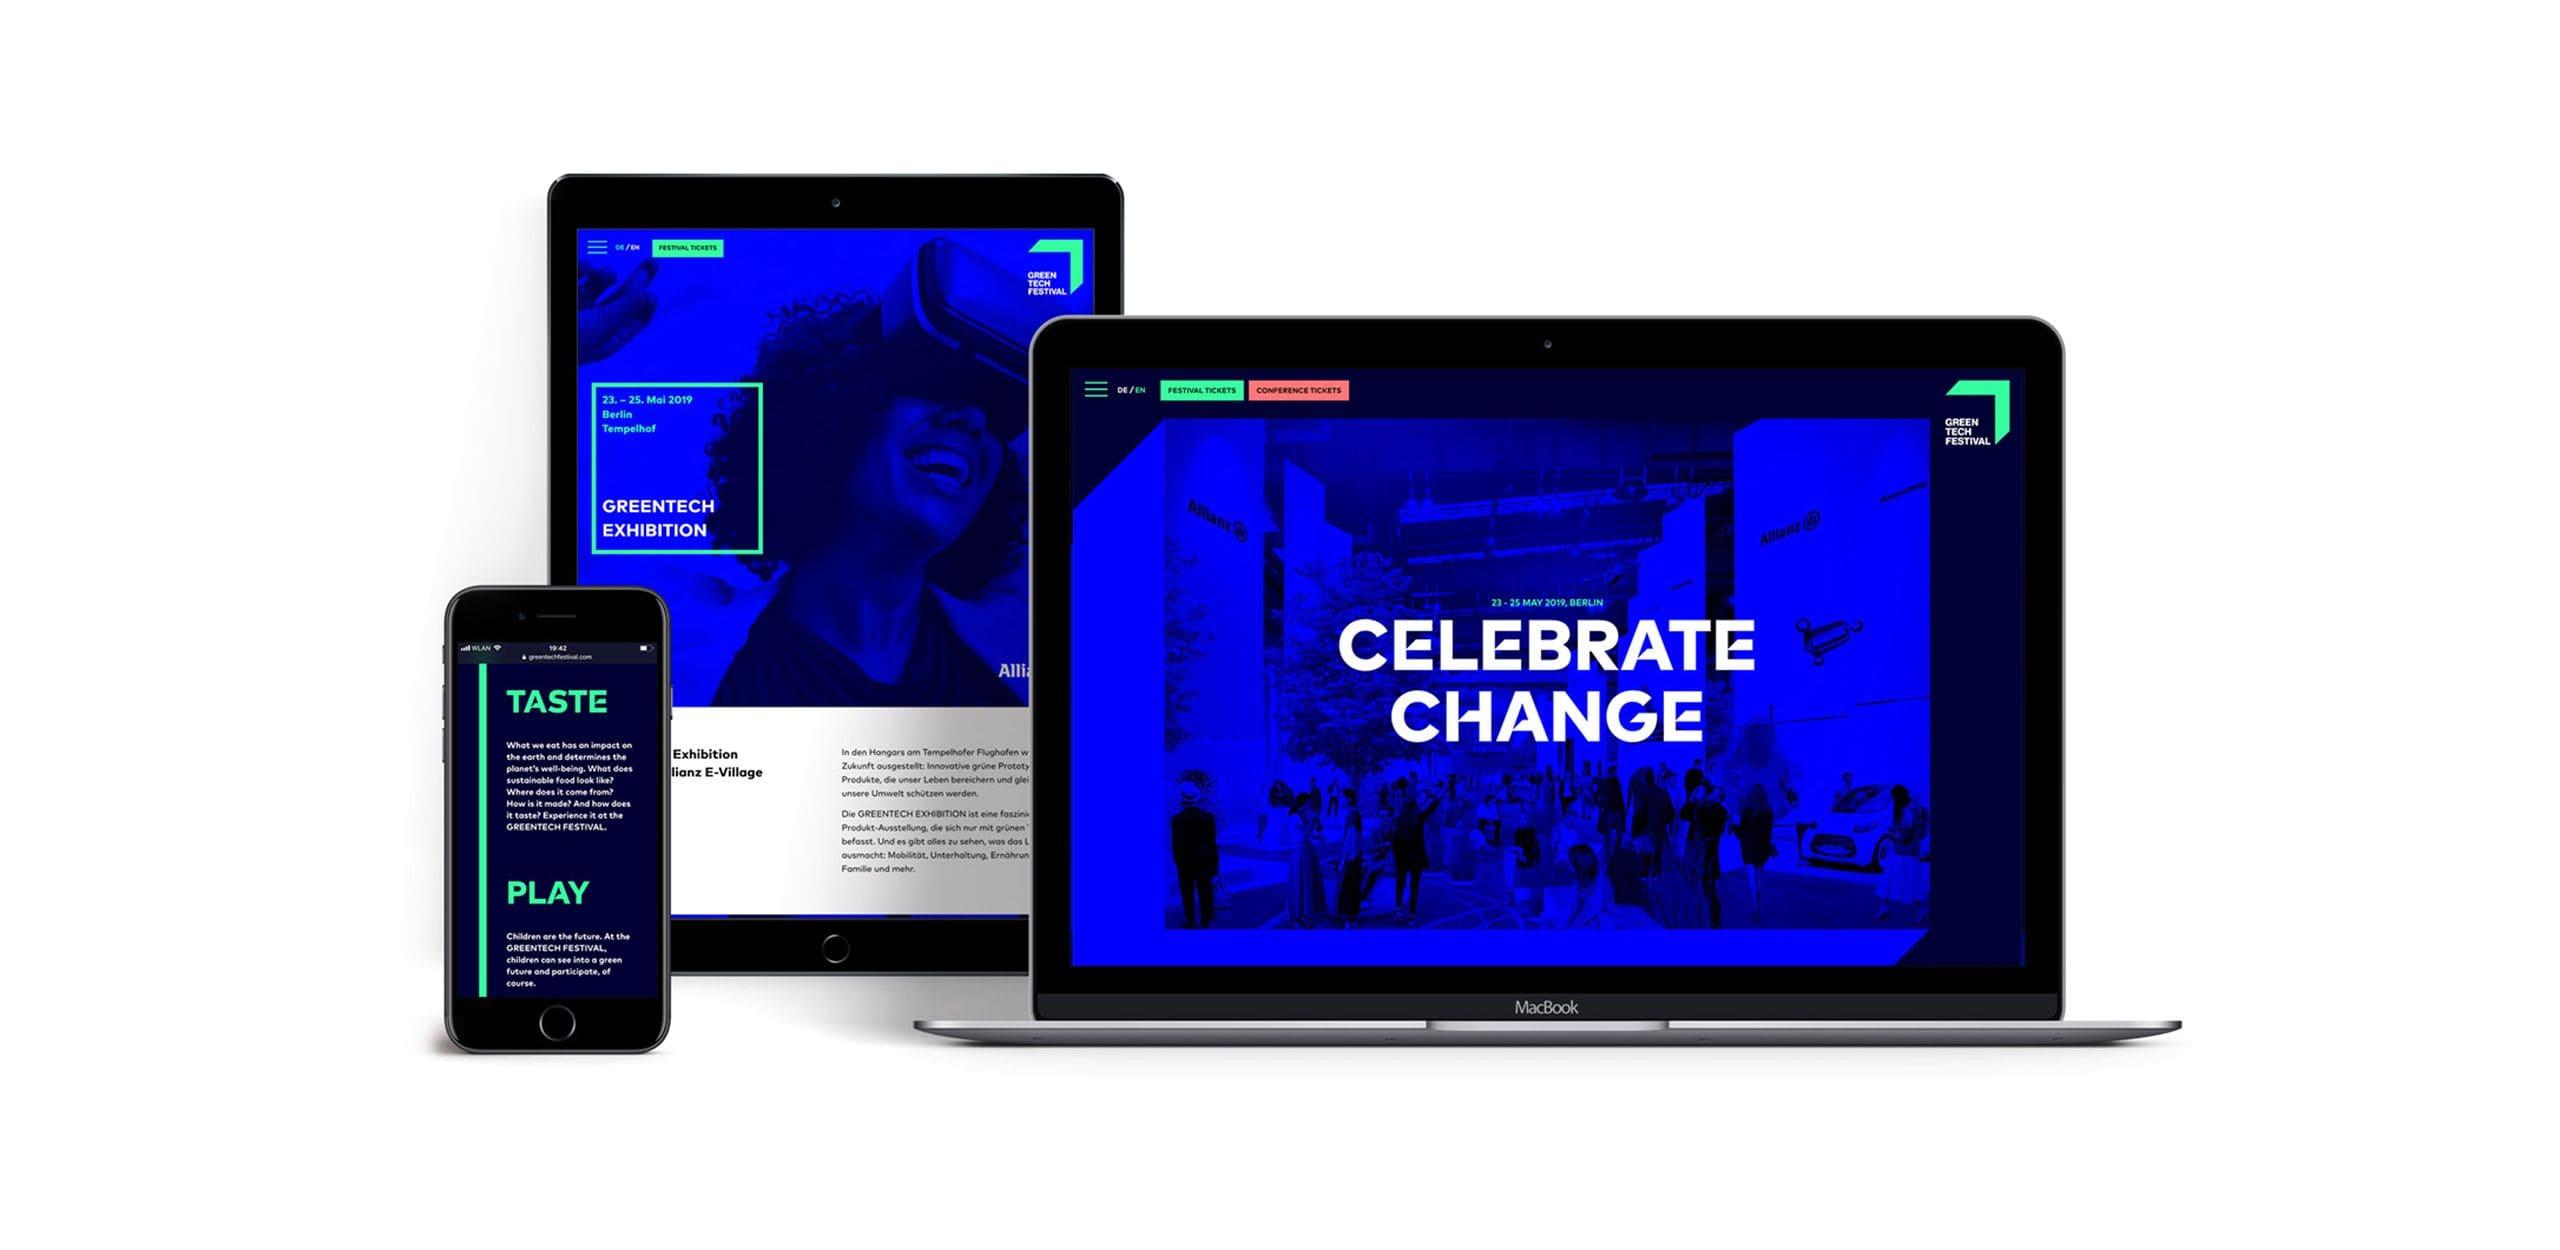 Greentech Festival screen designs